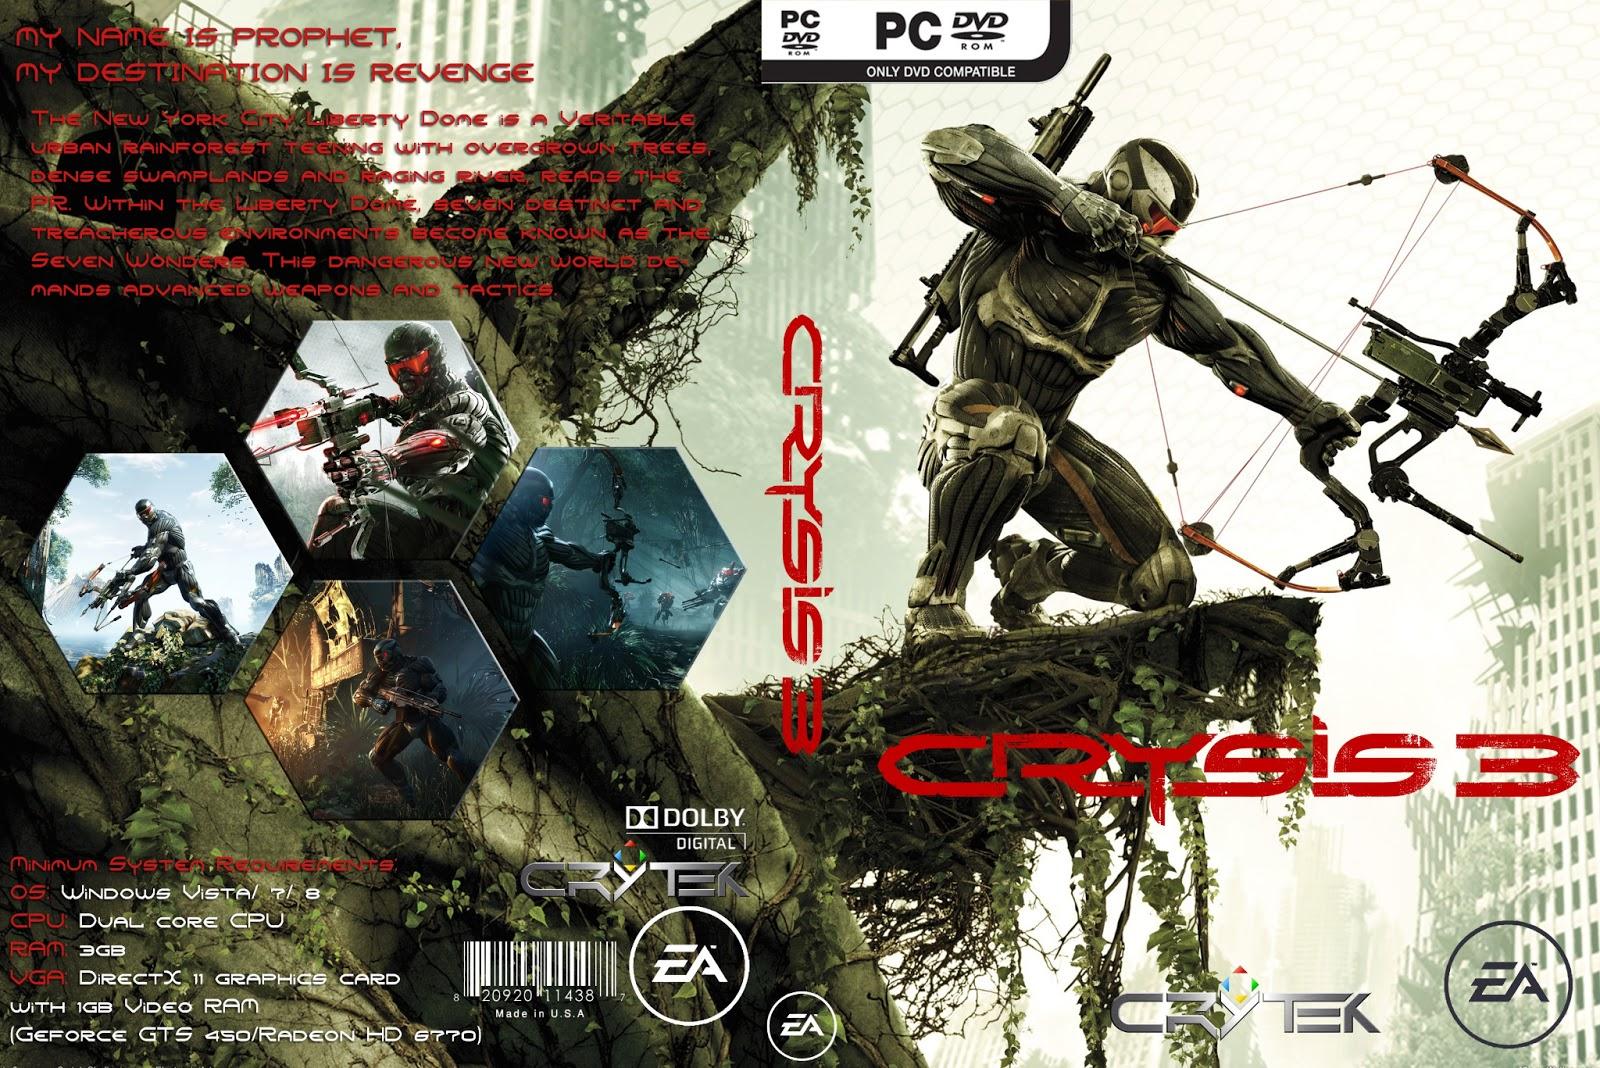 directx 9c free download: